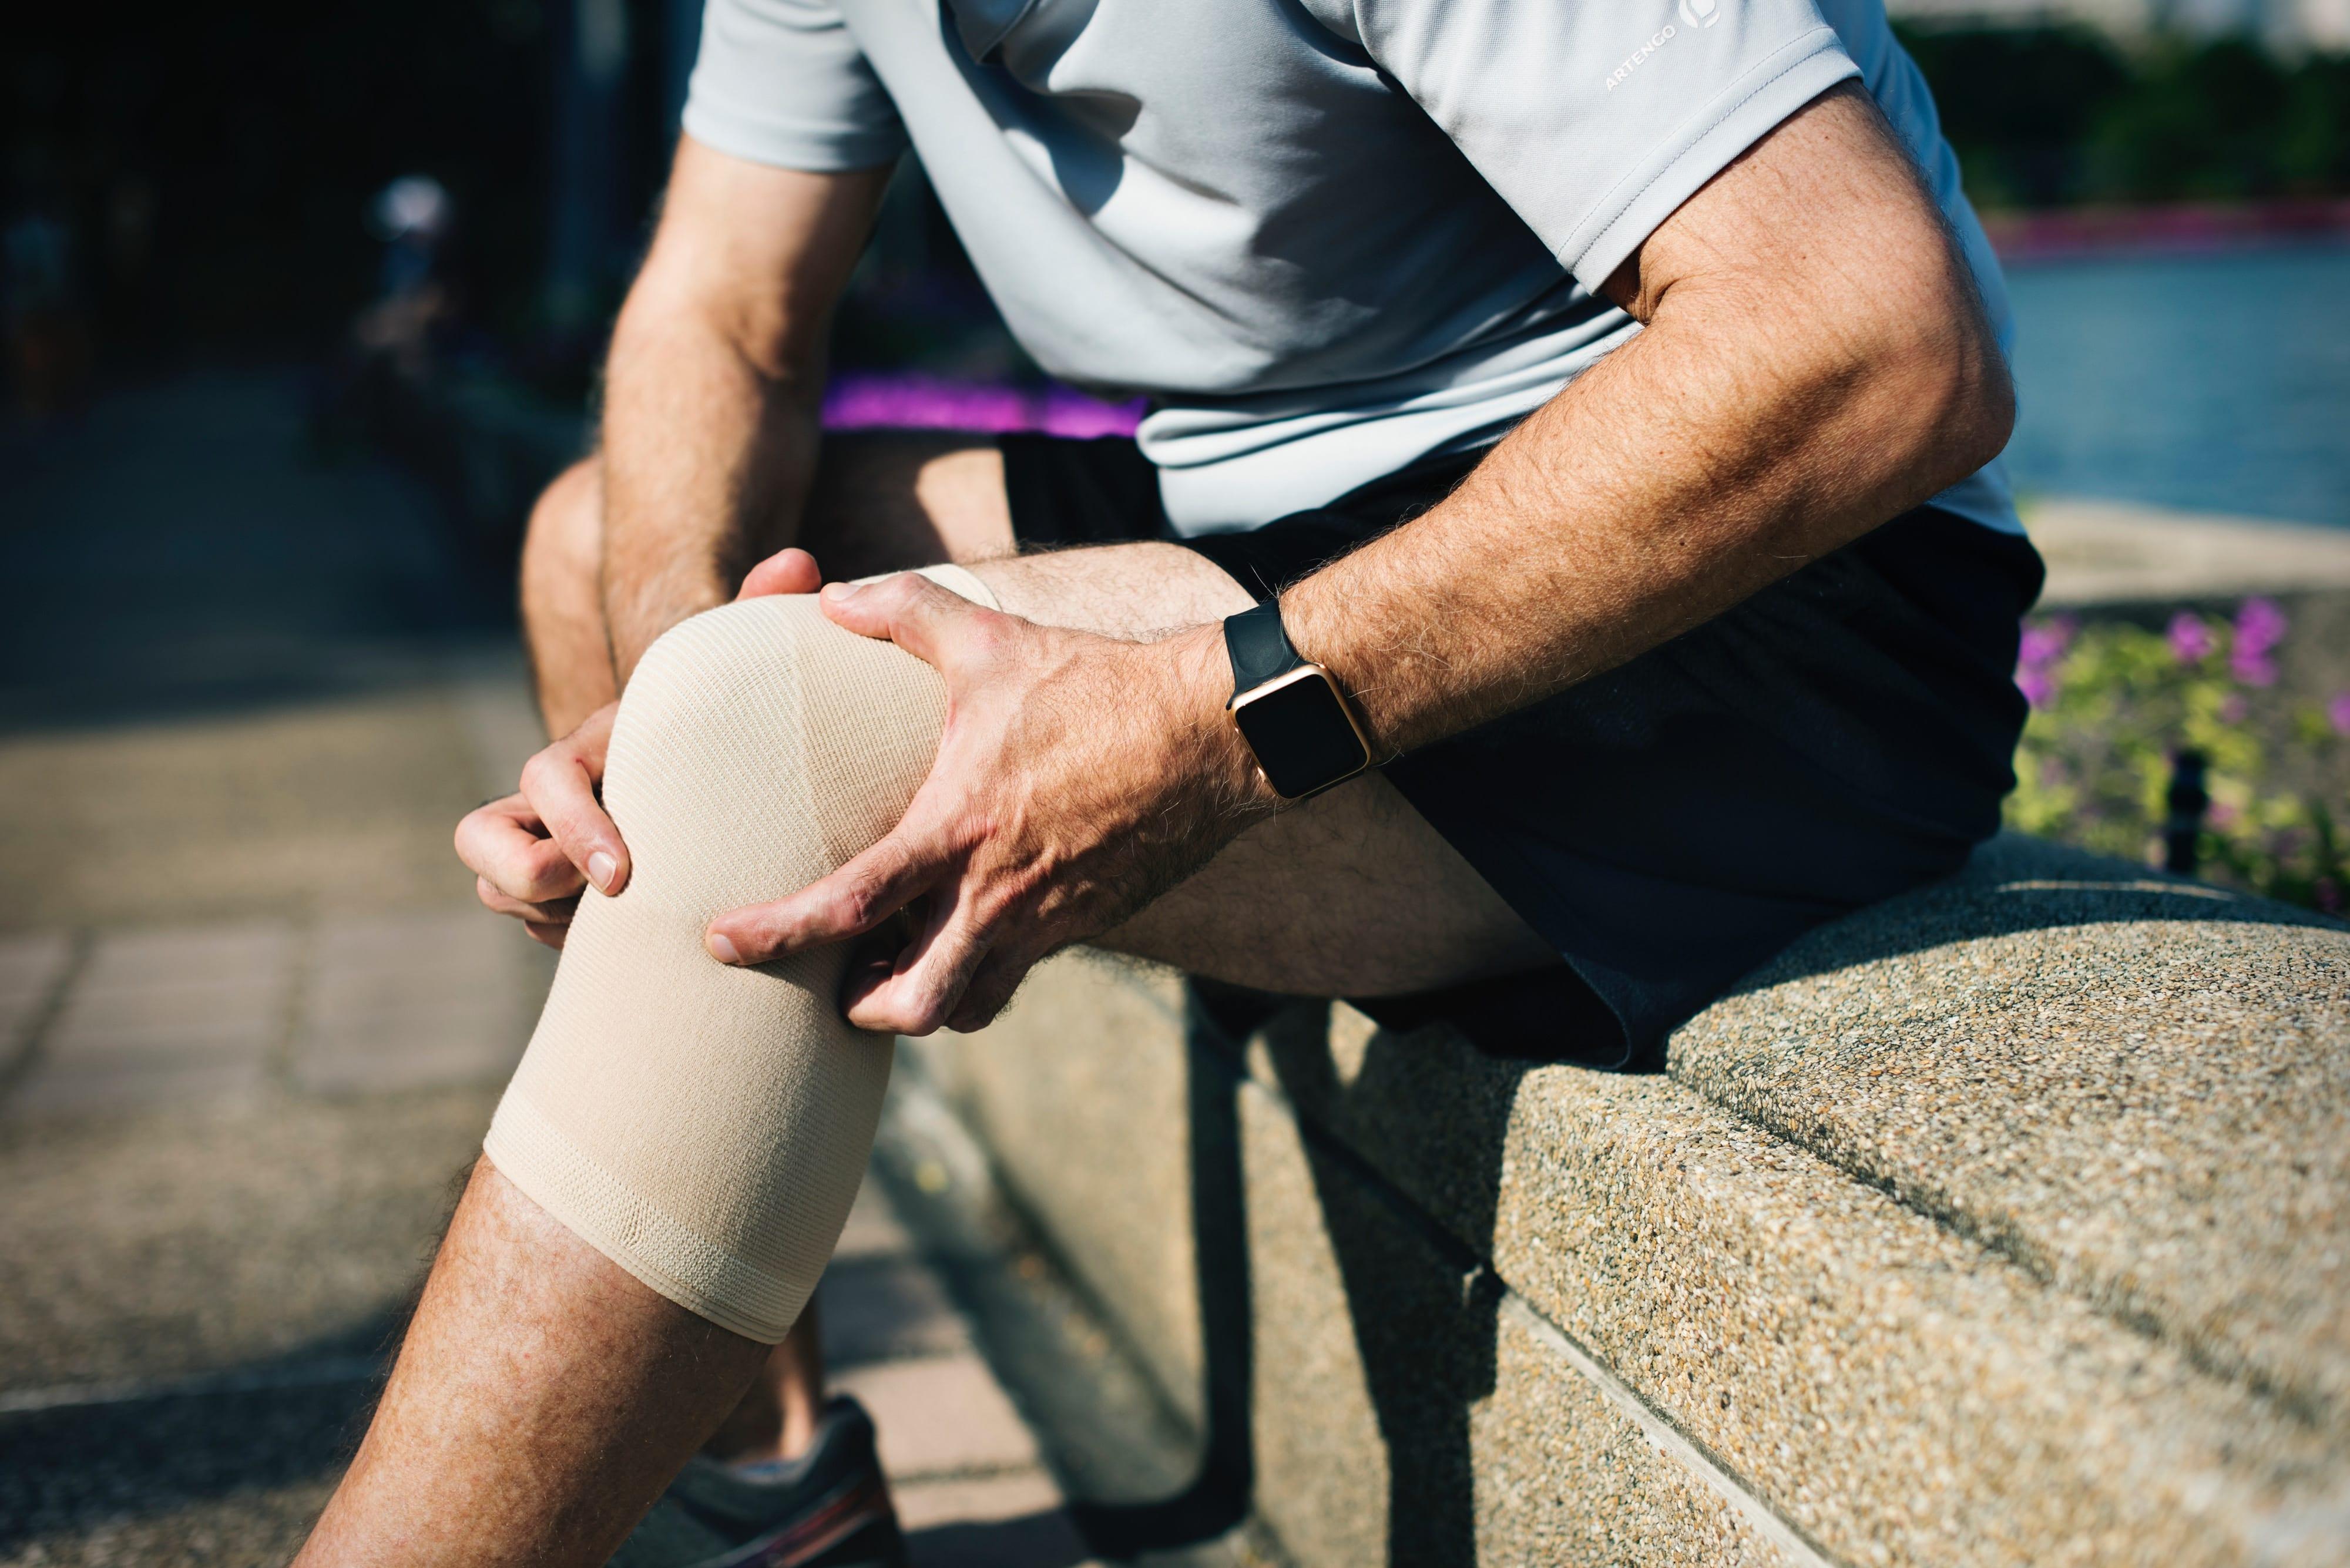 Protesi monocompartimentale ginocchio - Dott. Paolo Lucci